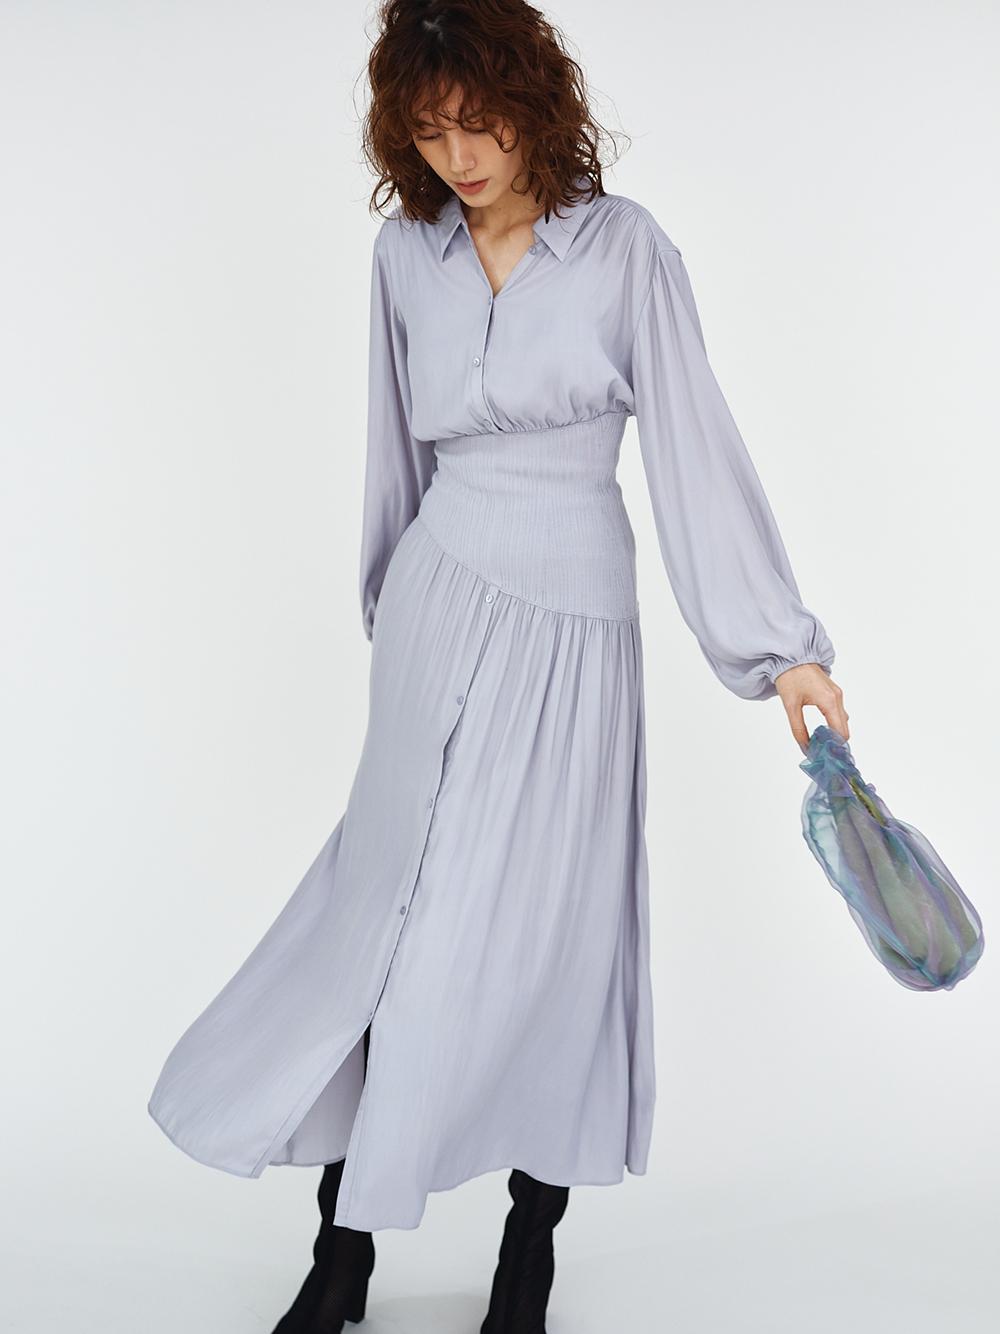 腰部羅紋襯衫連身裙